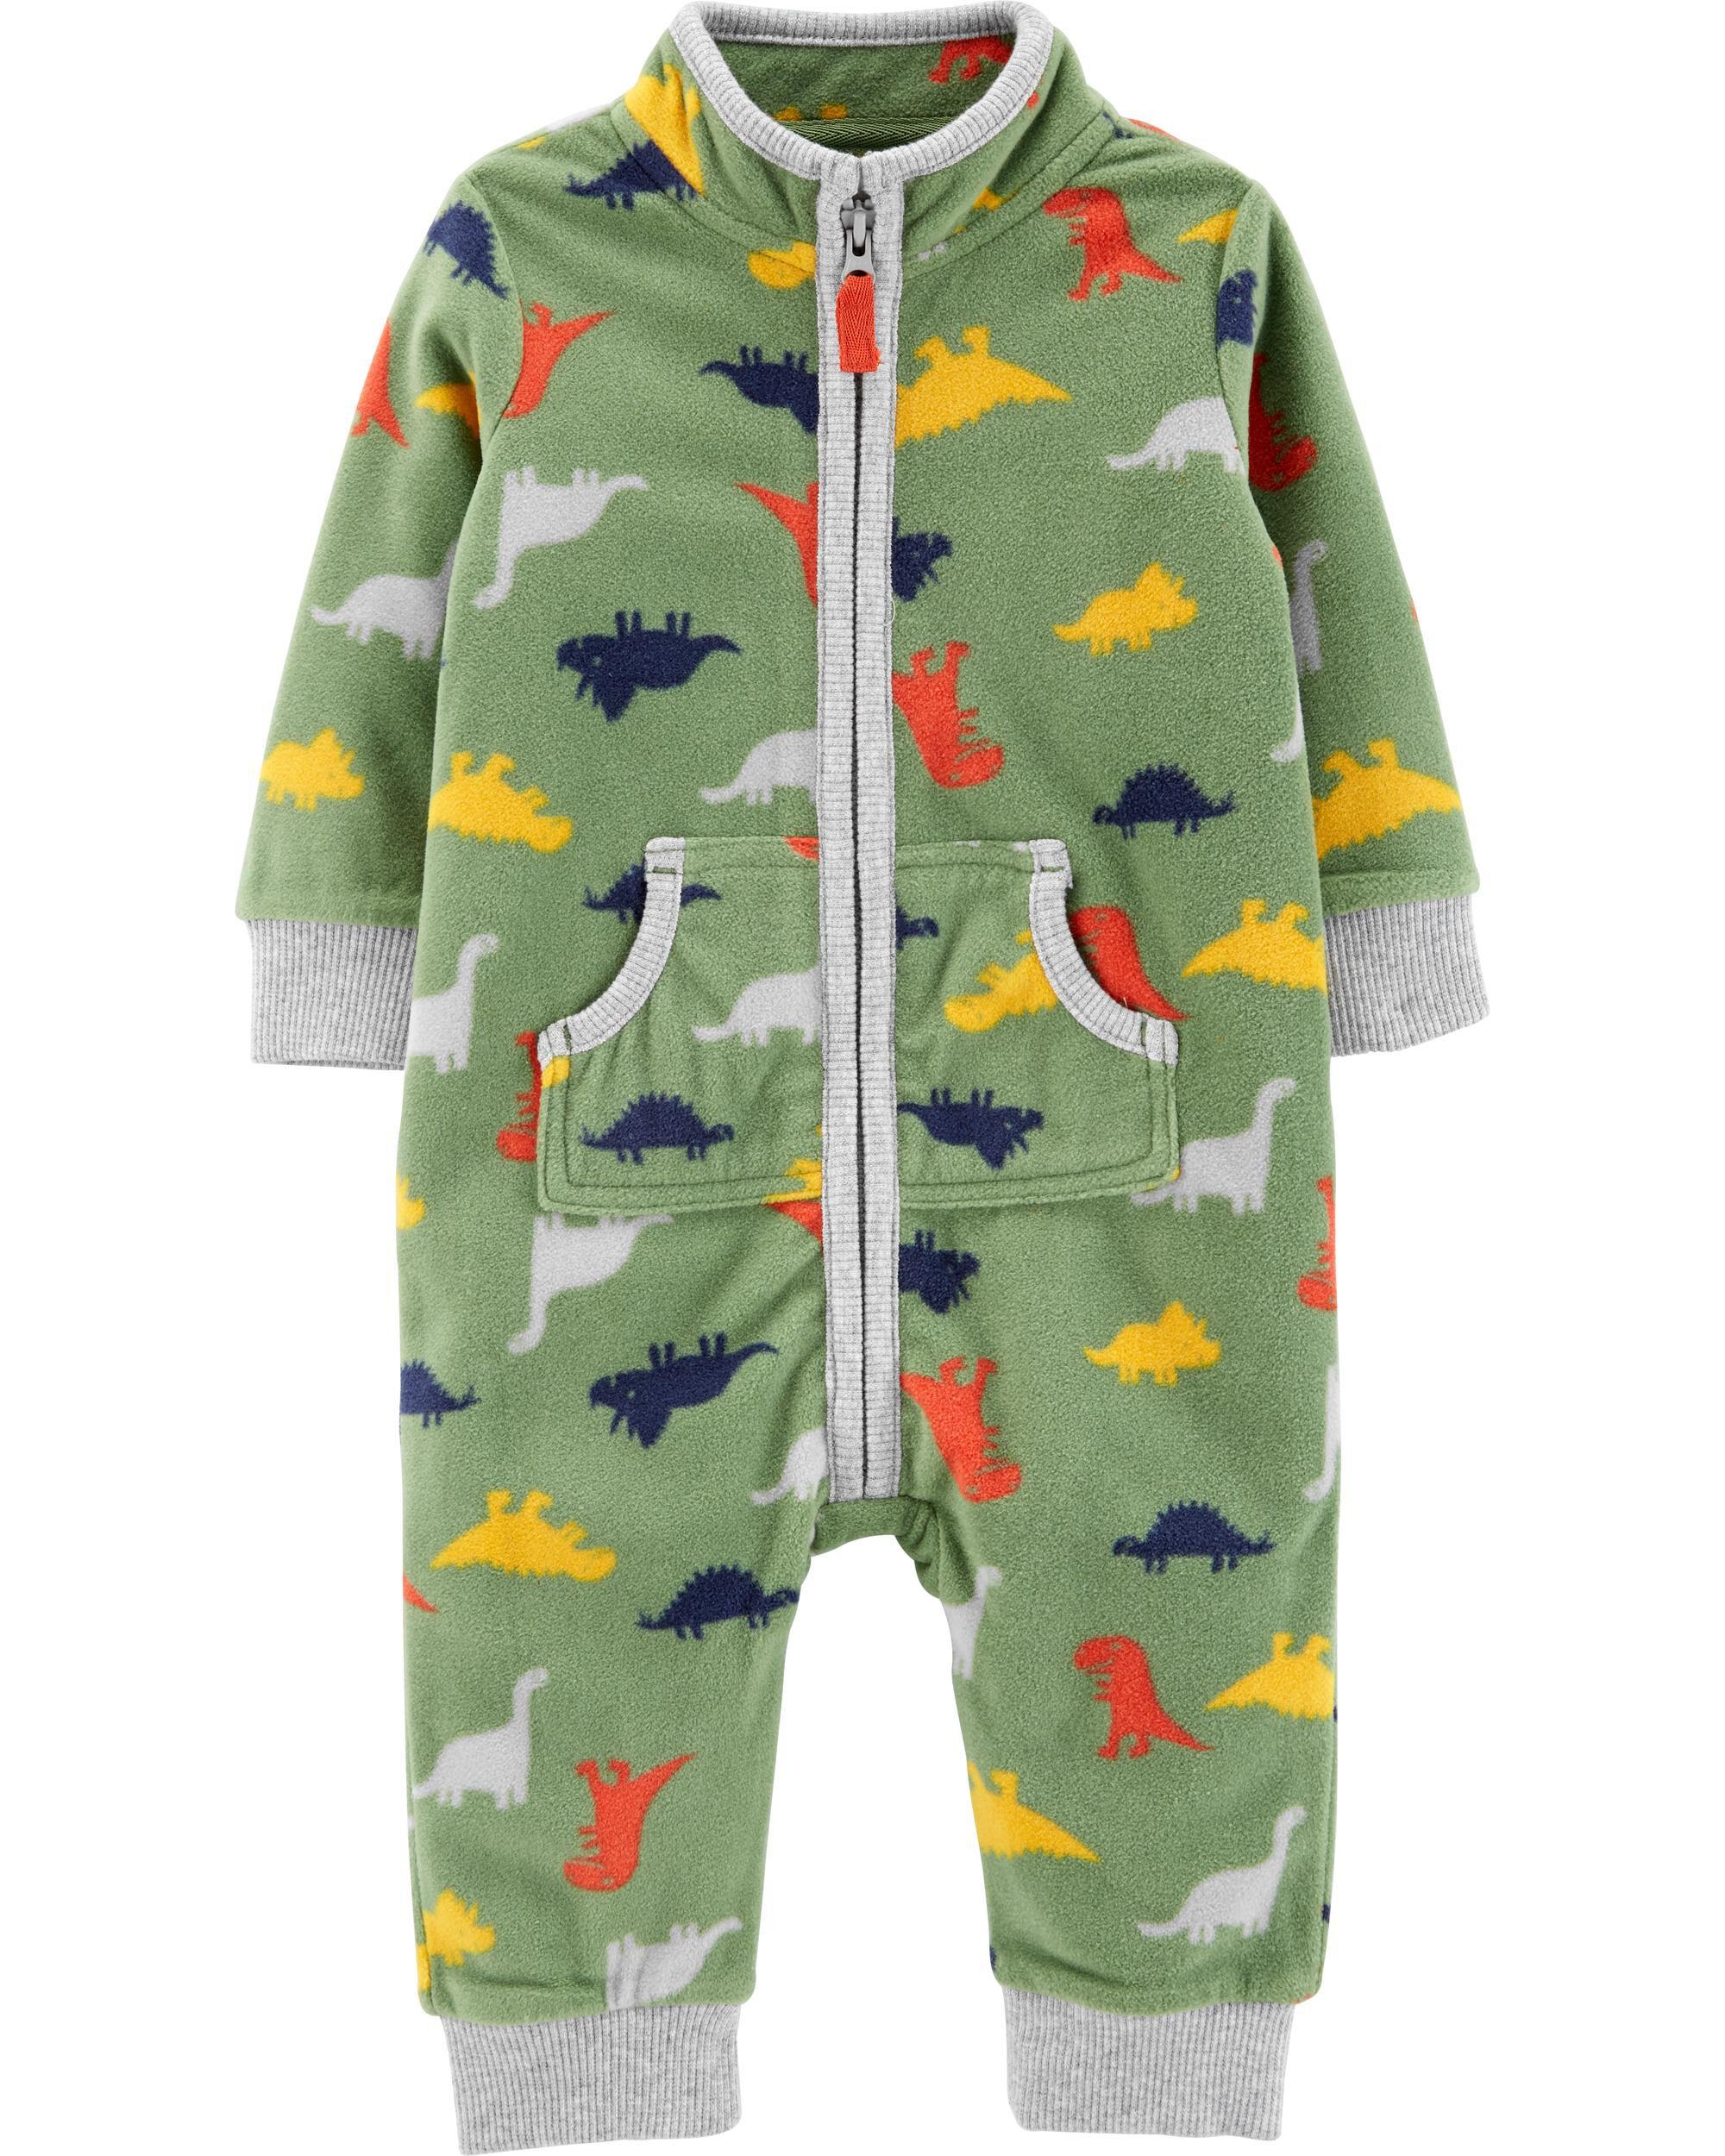 *DOORBUSTER* Dinosaur Zip-Up Fleece Jumpsuit